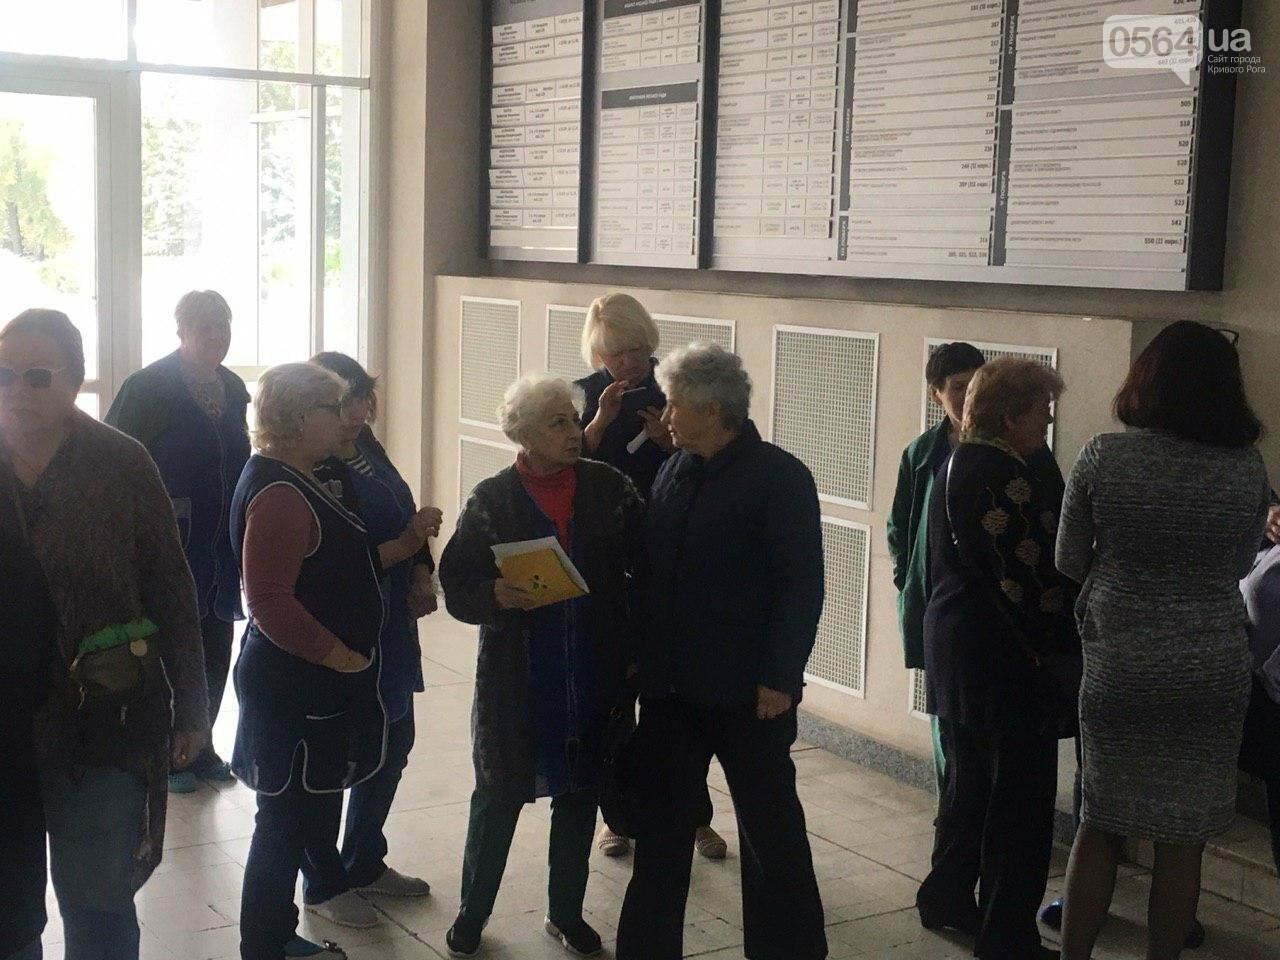 """На торжественном приеме мэр рассказал пожилым людям о развитии среднего бизнеса и """"карте криворожанина"""", - ФОТО, ВИДЕО, фото-30"""